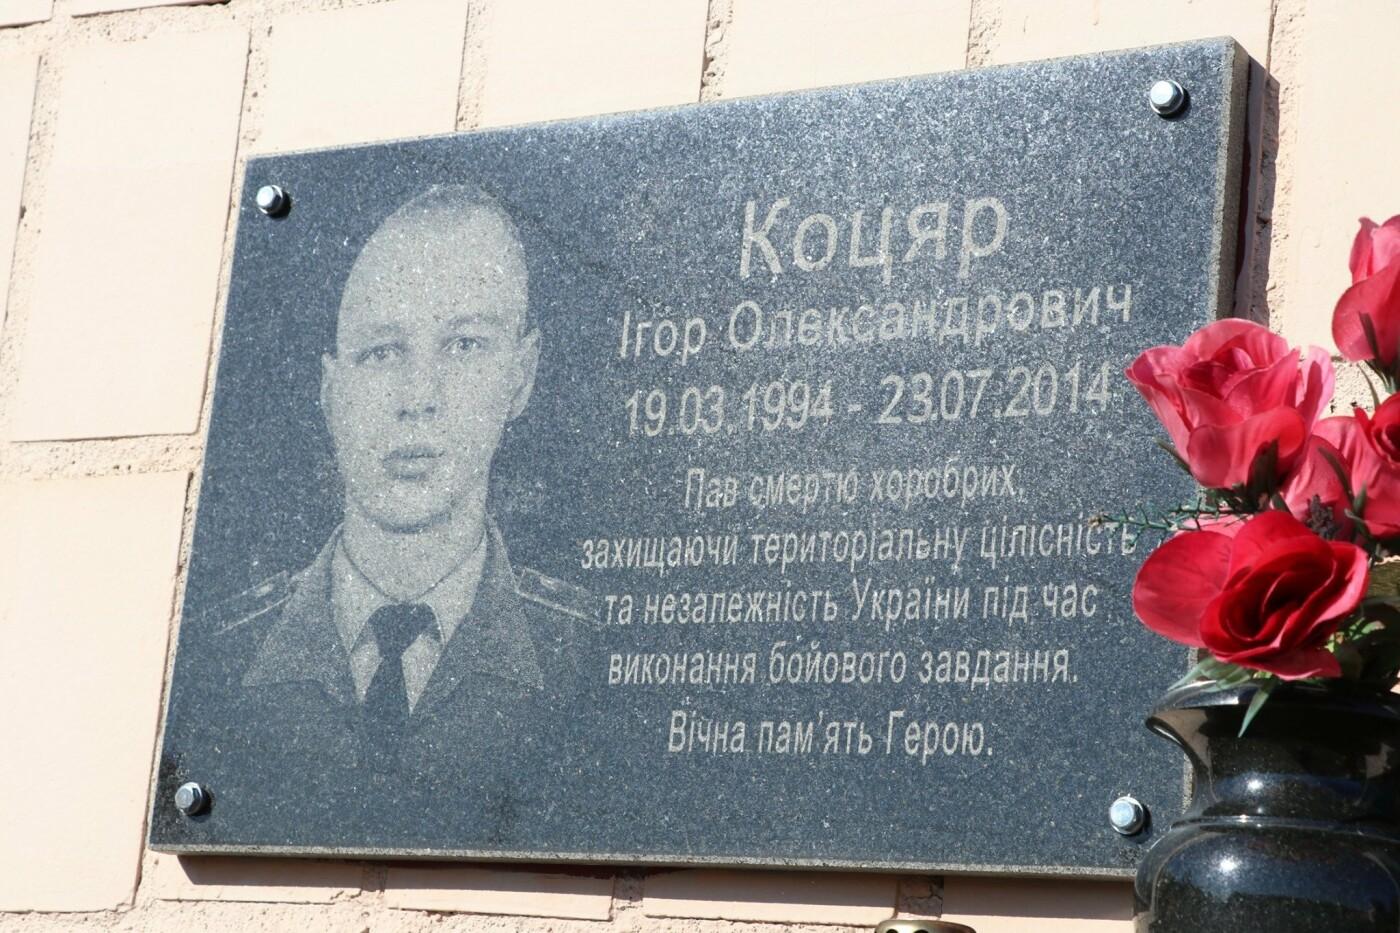 В Кривом Роге нацгвардейцы почтили память погибших побратимов, - ФОТО, фото-12